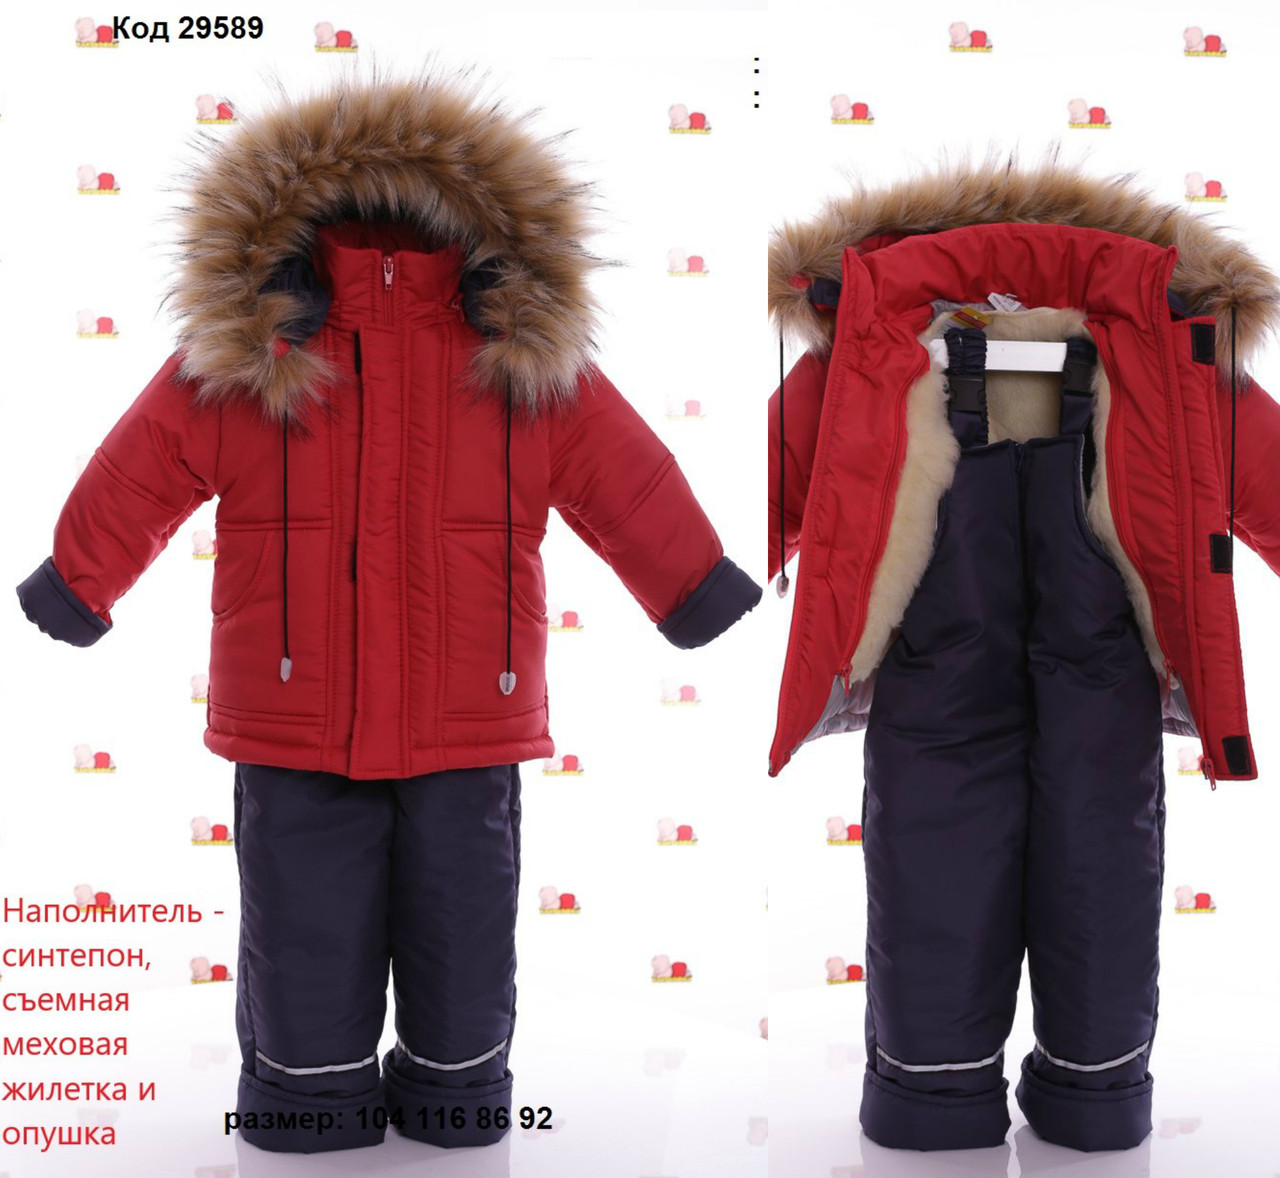 Детский зимний комбинезон для мальчика очень теплый